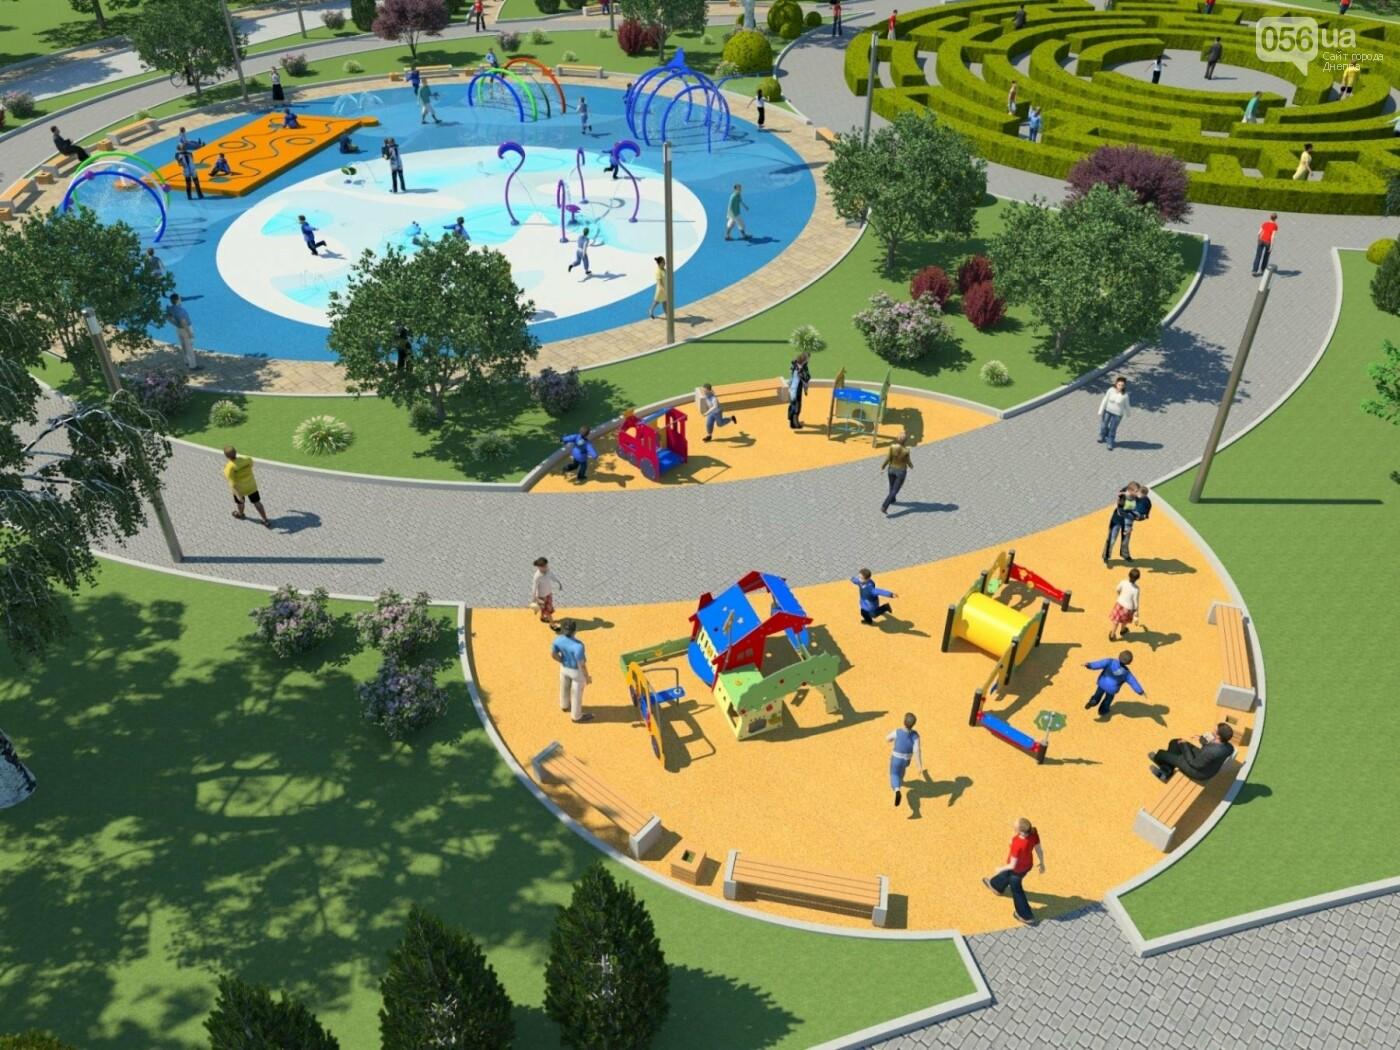 Новый парк в Днепре: какой будет Набережная Победы после реконструкции, фото-6